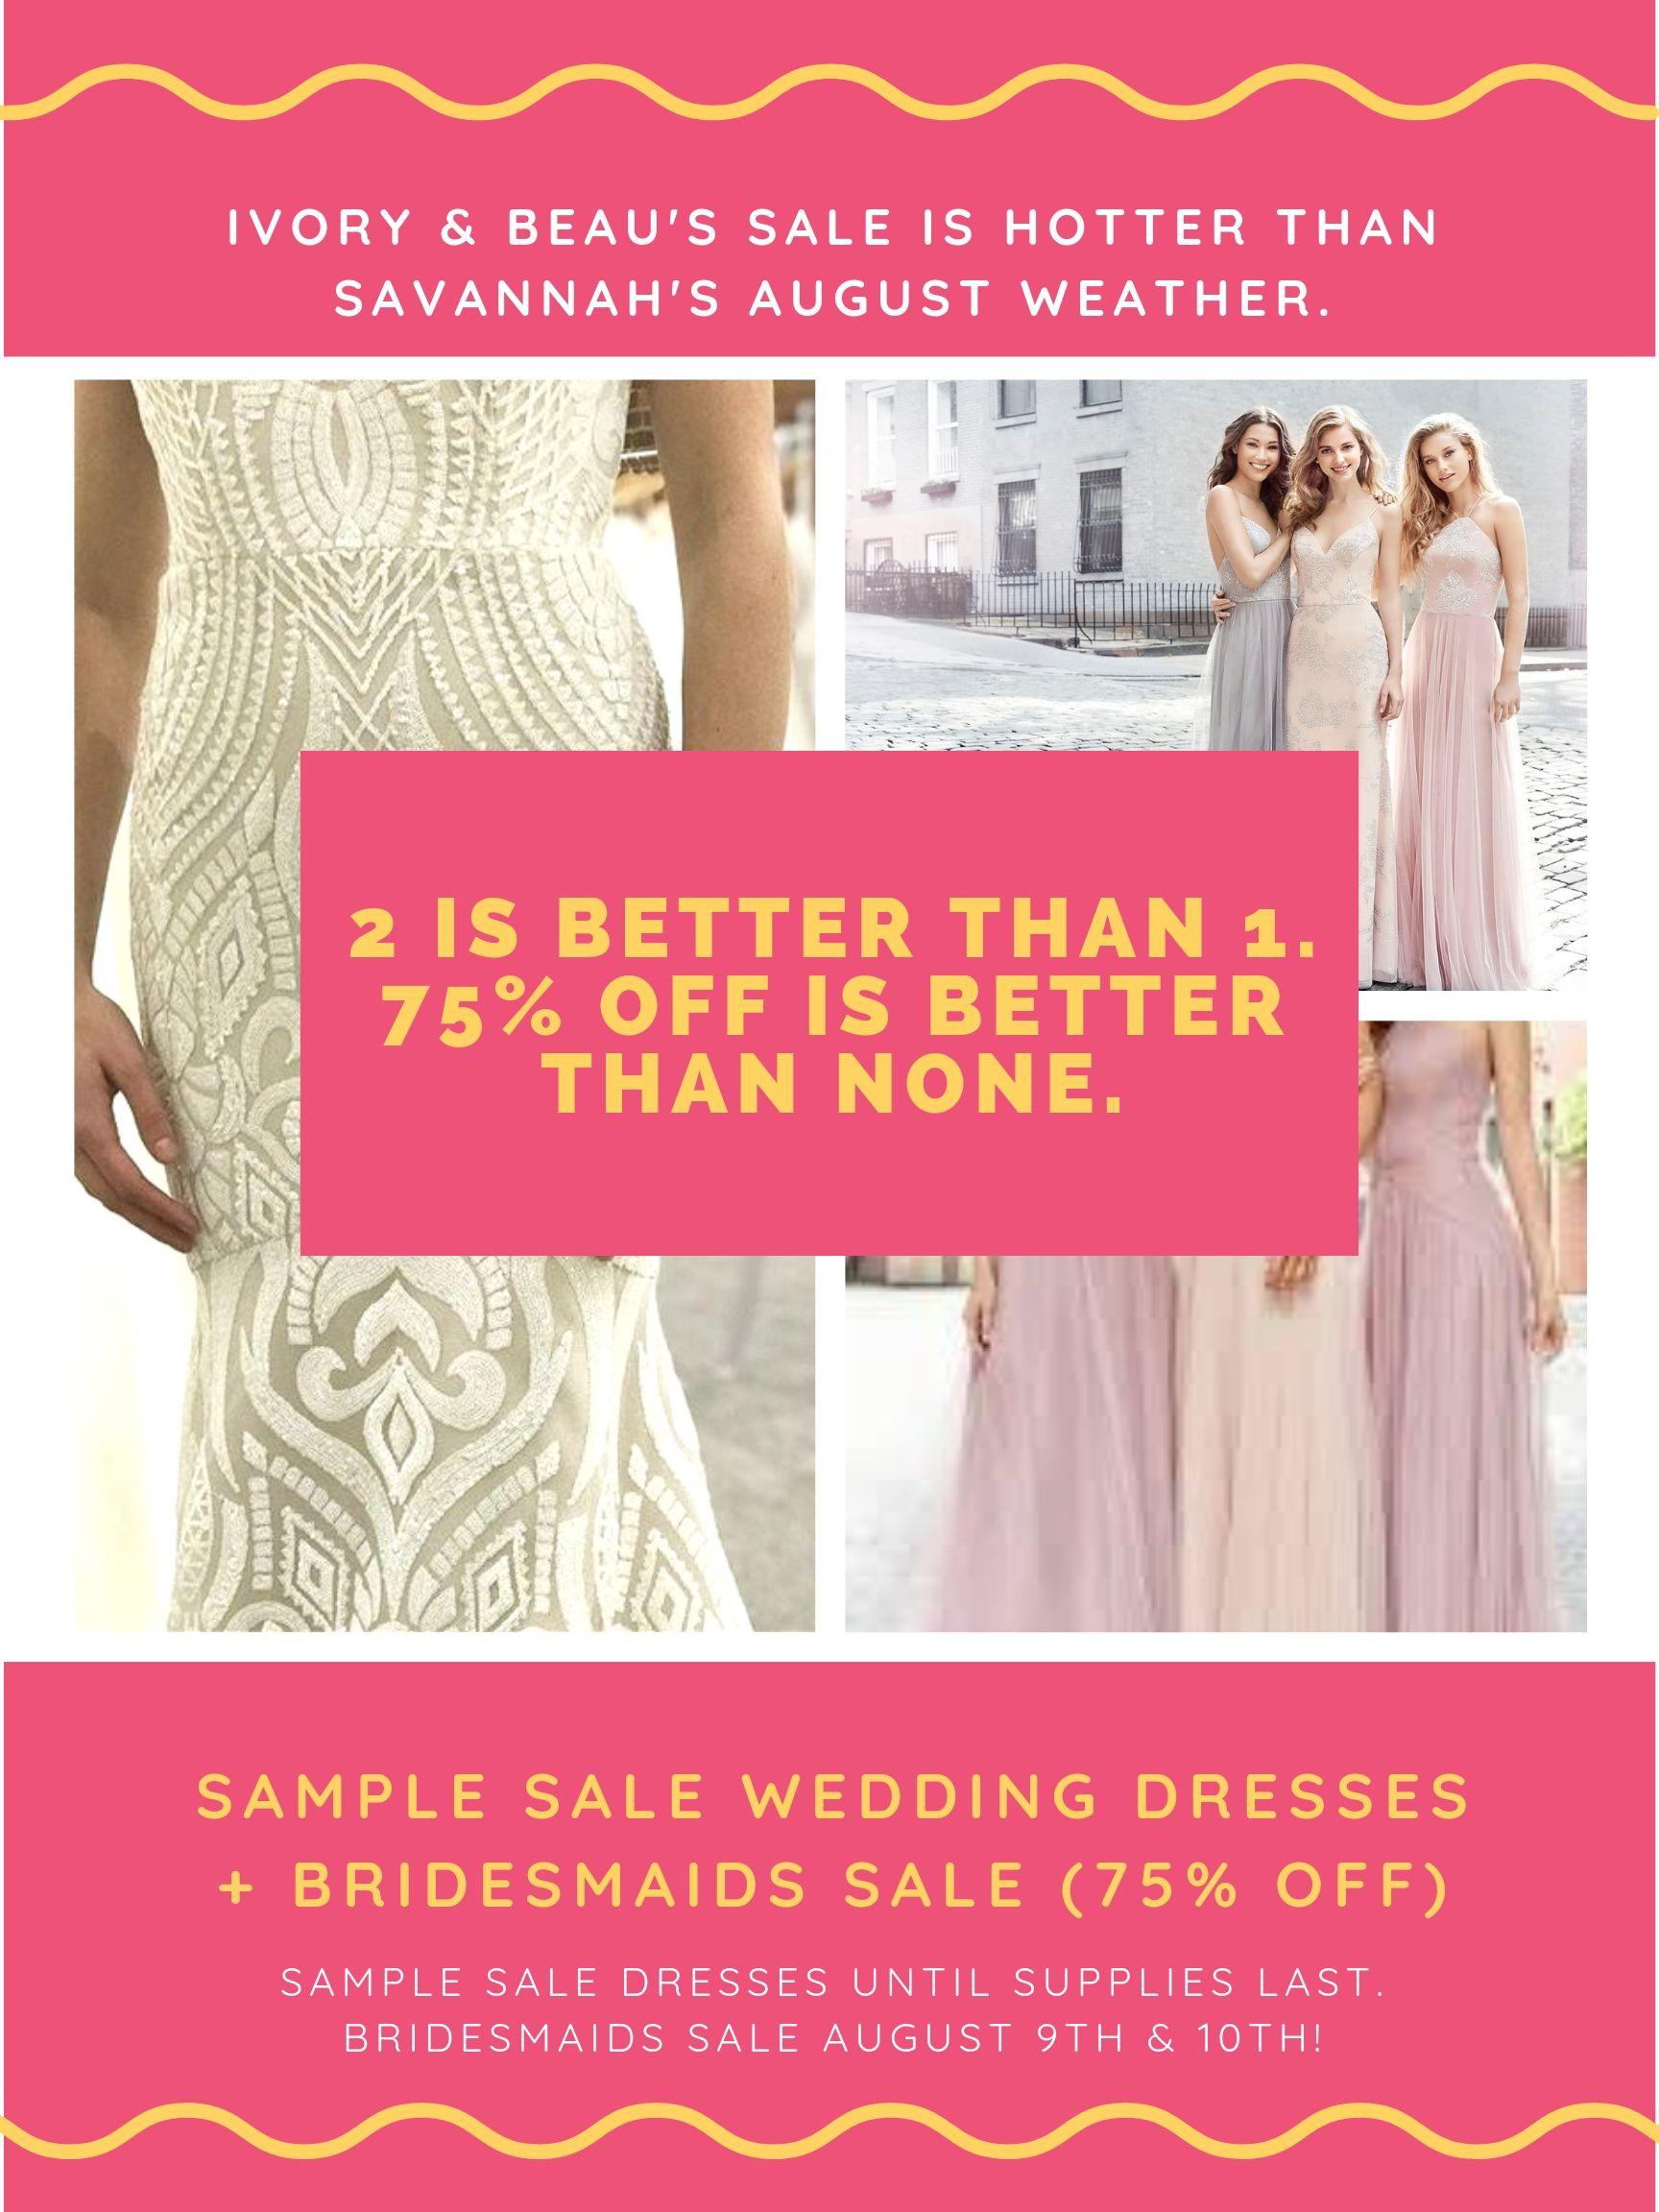 sample-sale-ivory-and-beau-savannah-bridal-shop-savannah-wedding-dresses-savannah-wedding-gowns-sample-sale-affordable-wedding-dresses-savannah-georgia-bridesmaids-dresses-cheap-bridesmaids-dresses-in-savannah-georgia-shop-inexpensive-dresses-savannah.jpg